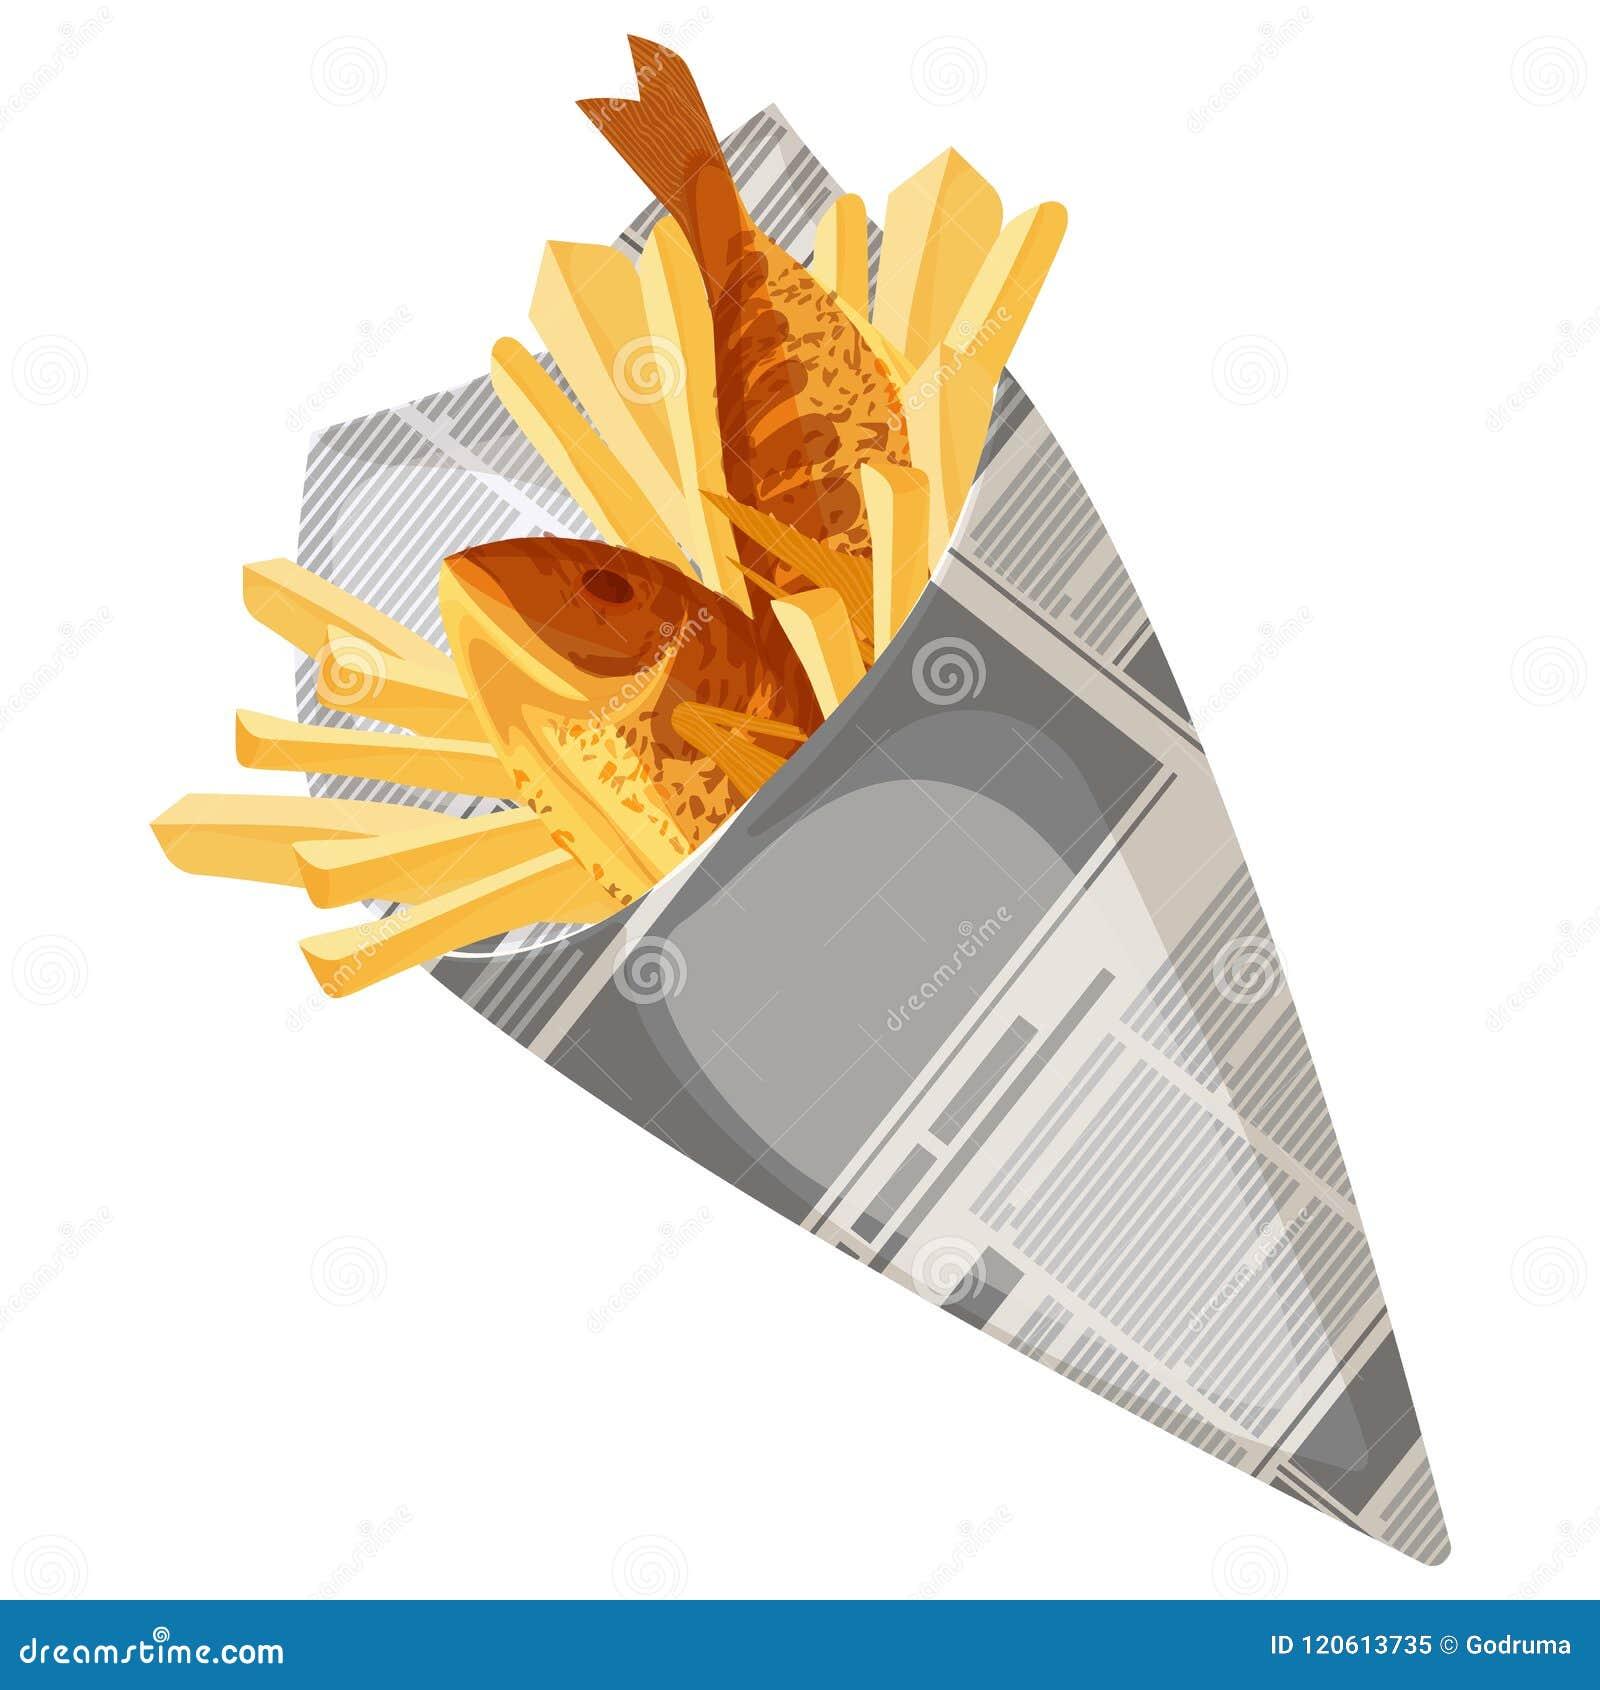 Διανυσματική απεικόνιση γρήγορου φαγητού ψαριών και τσιπ παραδοσιακή